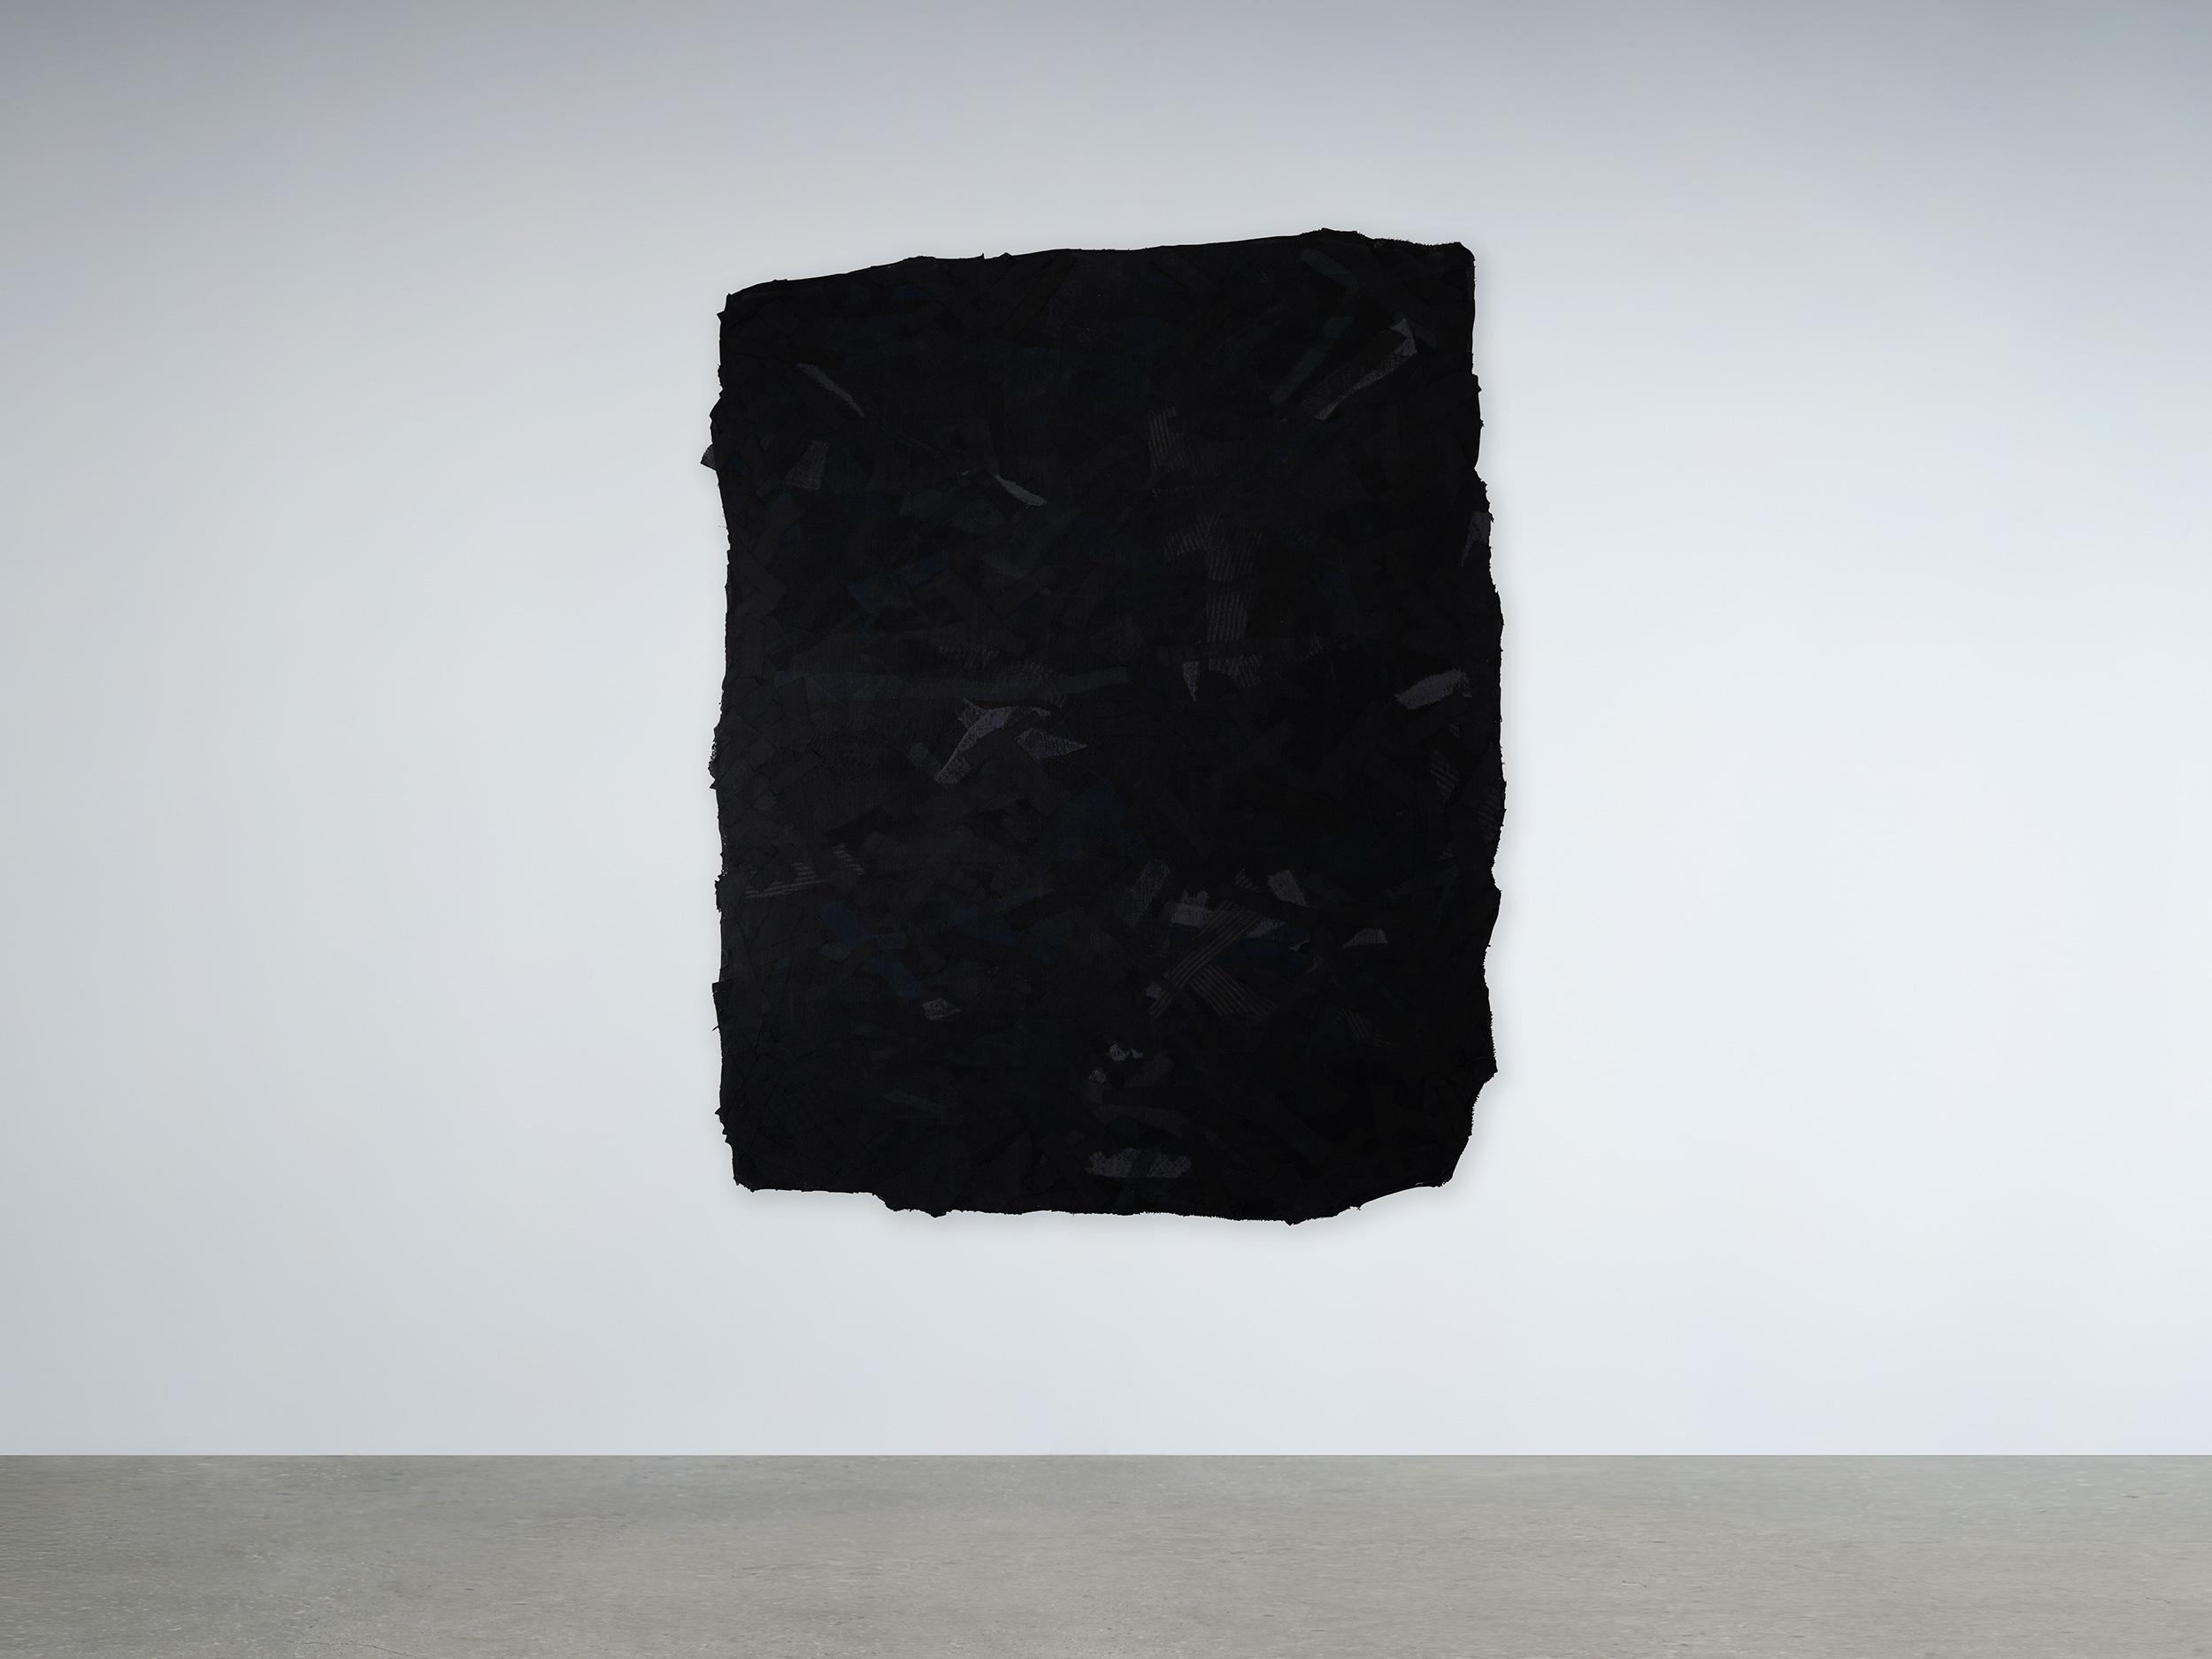 Crisscross-Hatching-Black-Full.jpg